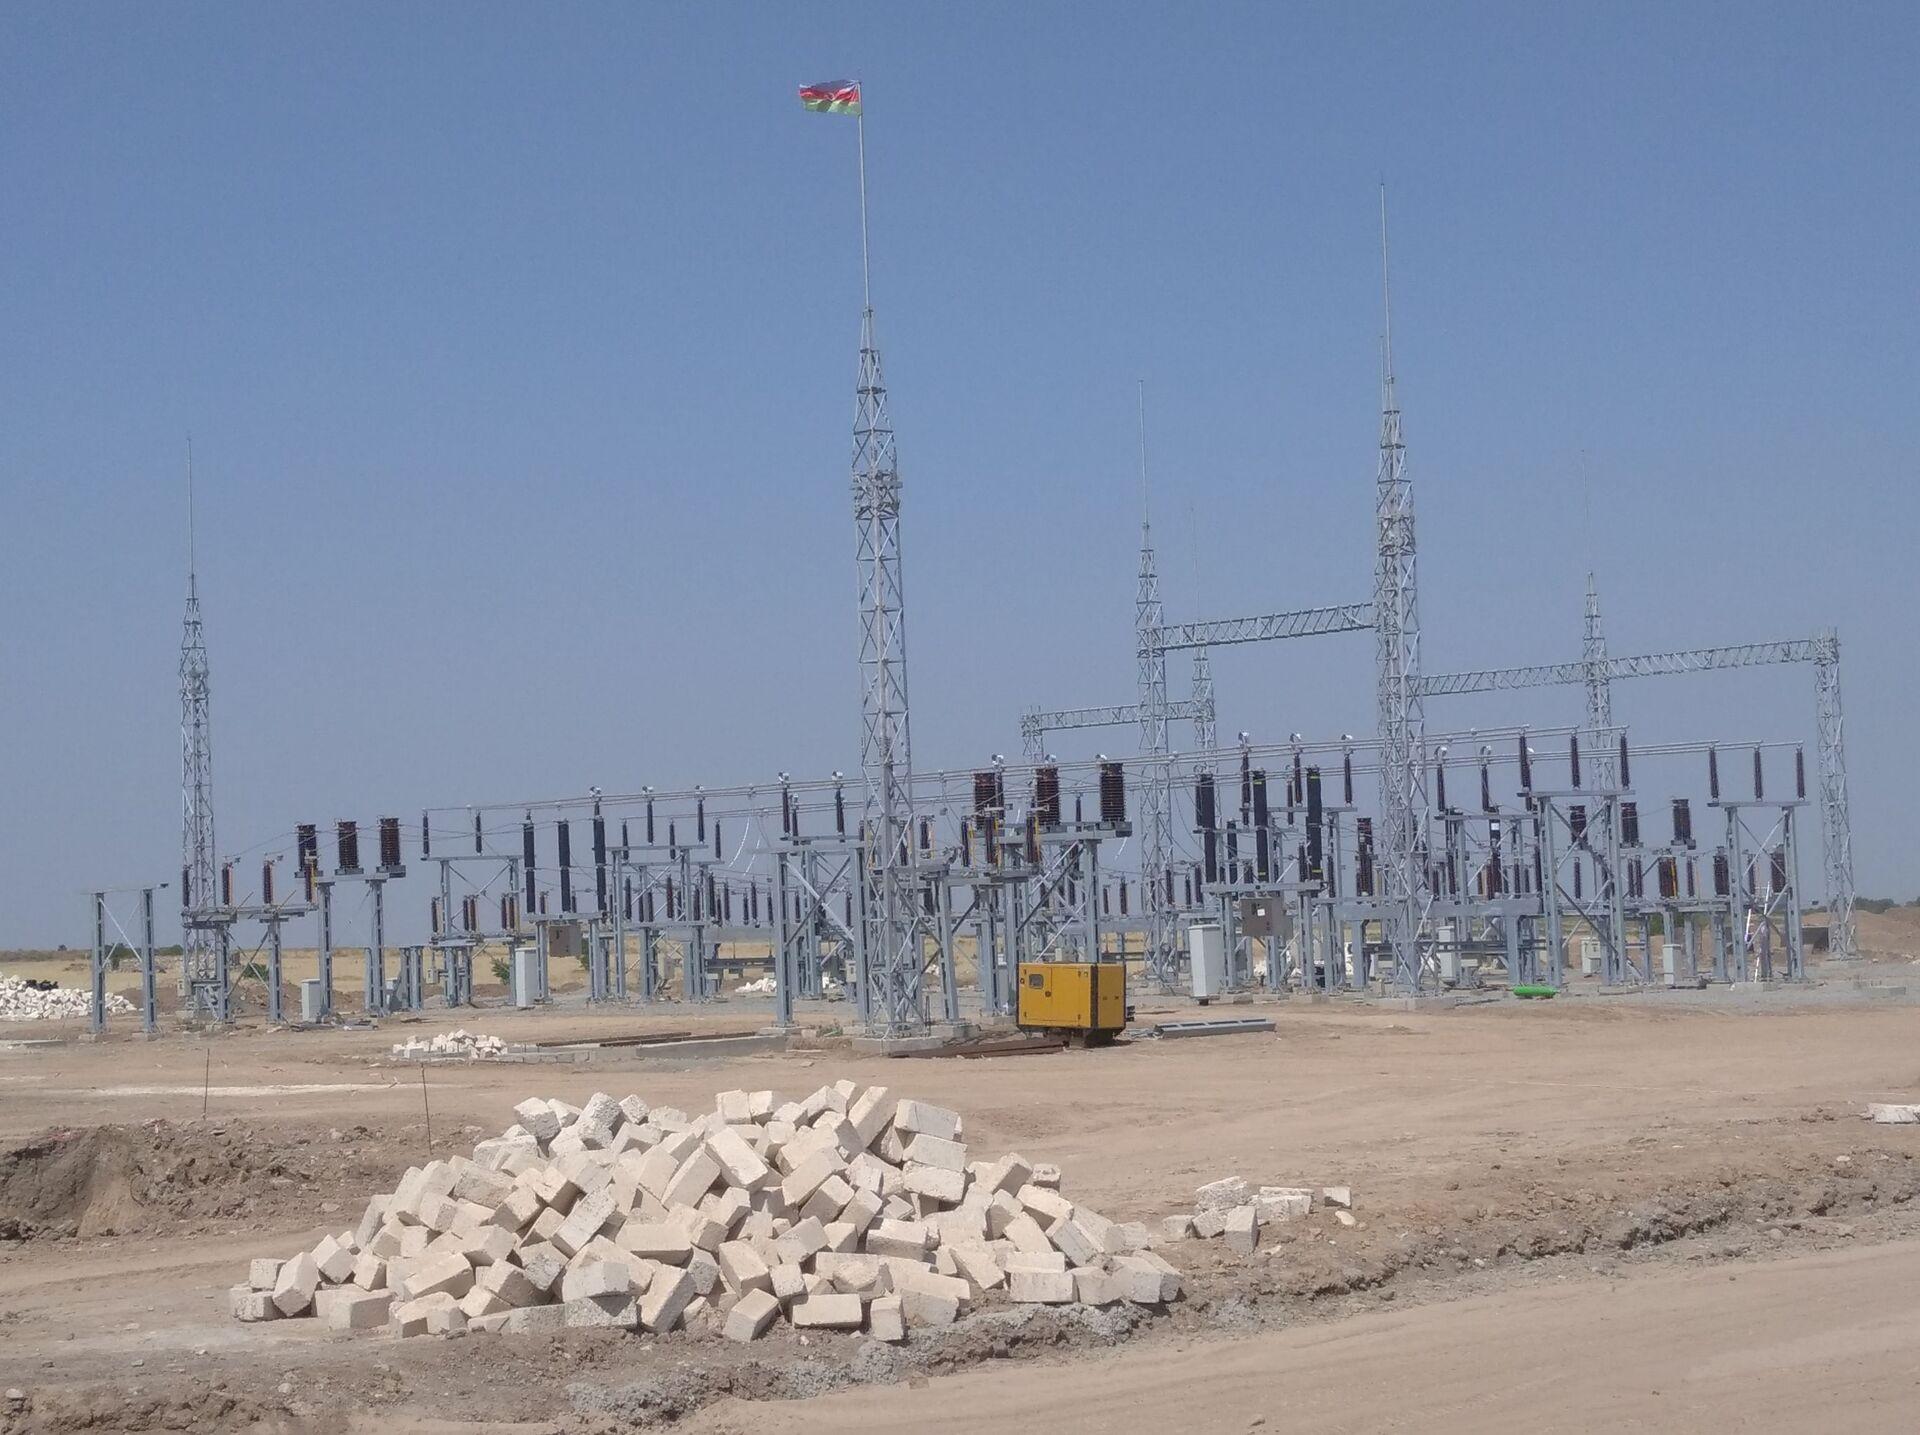 На освобожденных территориях до конца года заработают электроподстанции - Sputnik Азербайджан, 1920, 06.07.2021